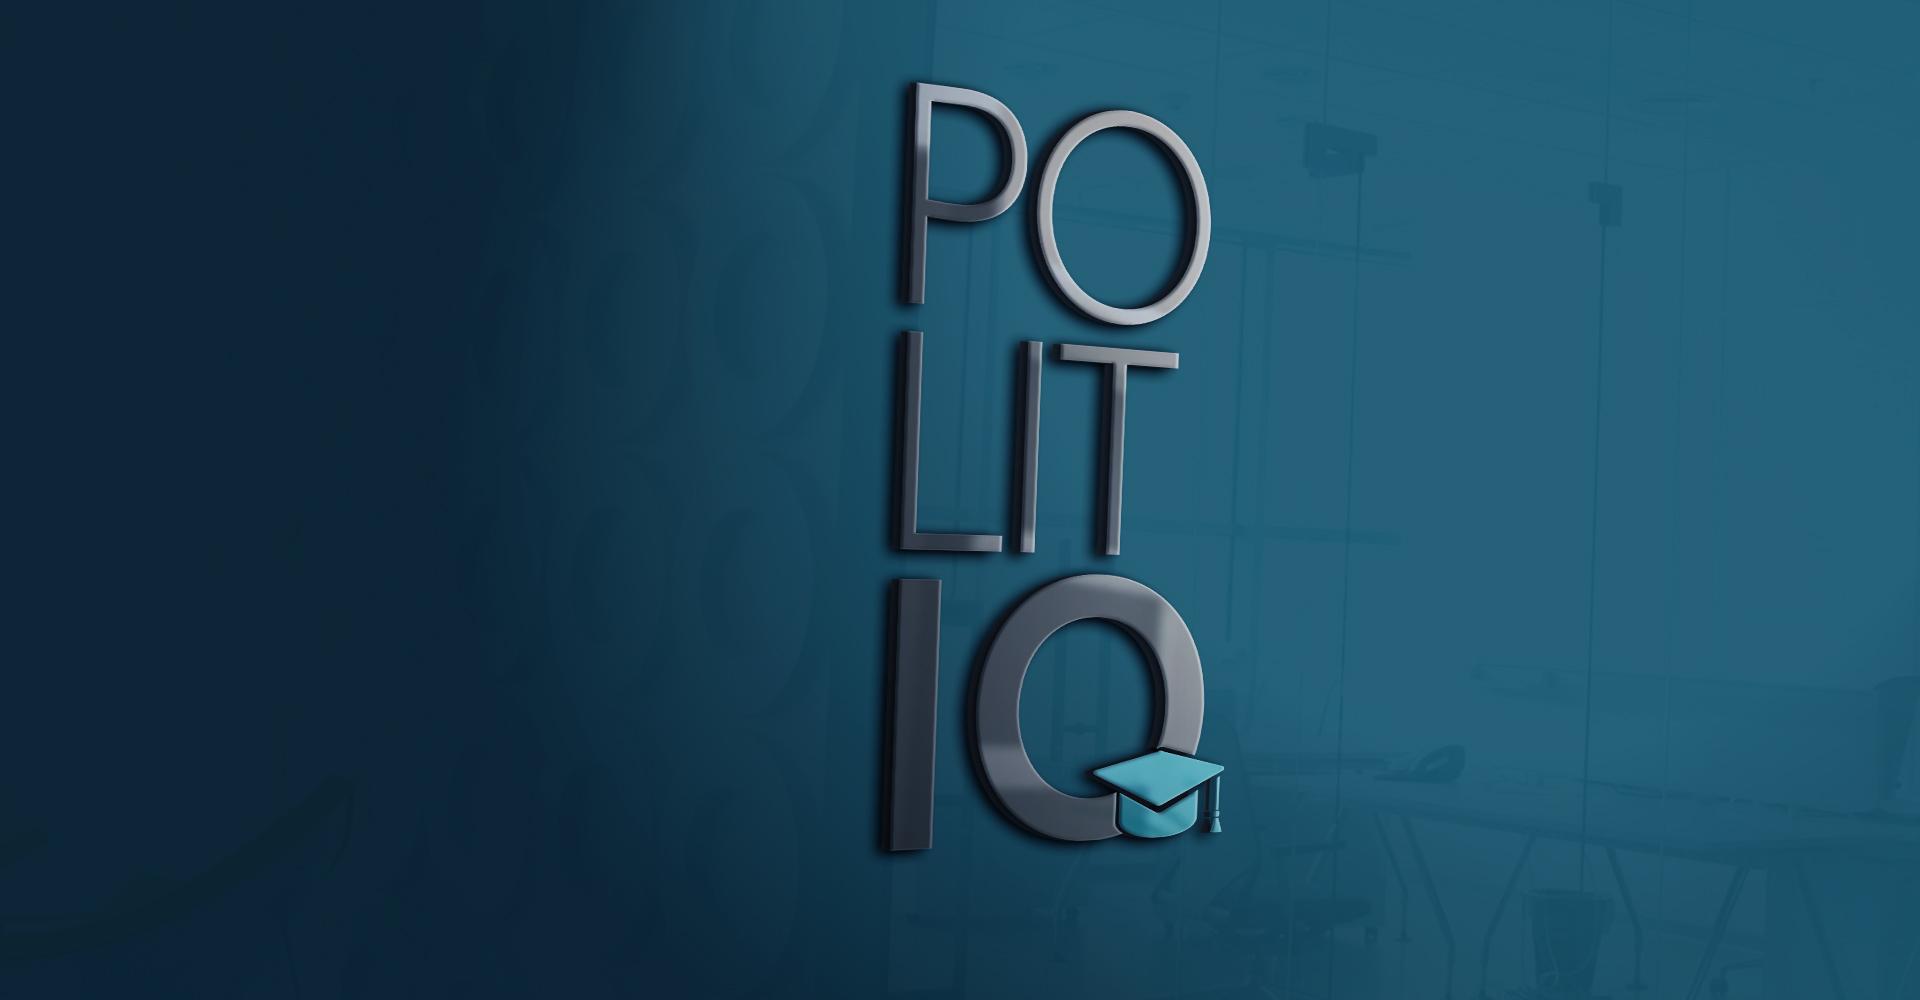 Новая англоязычная магистерская программа по политологии в МГУ!